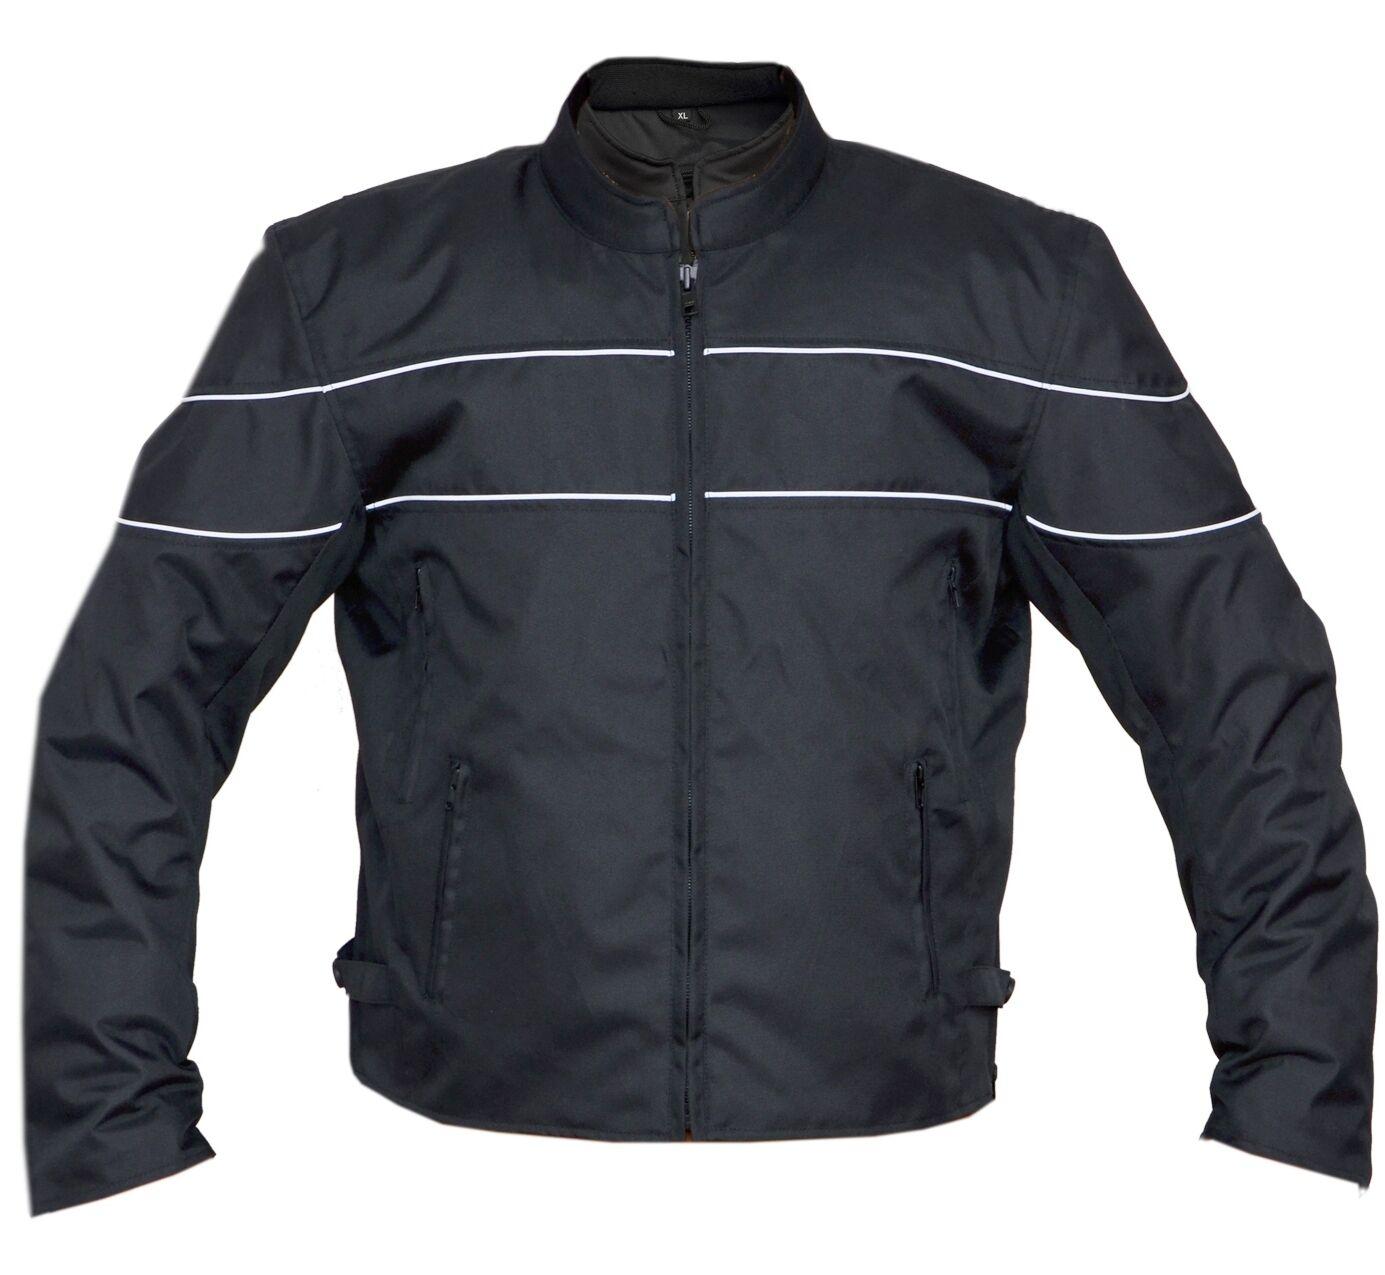 Hombre Predectora black Cordura textil Motociclista Chaqueta con doble